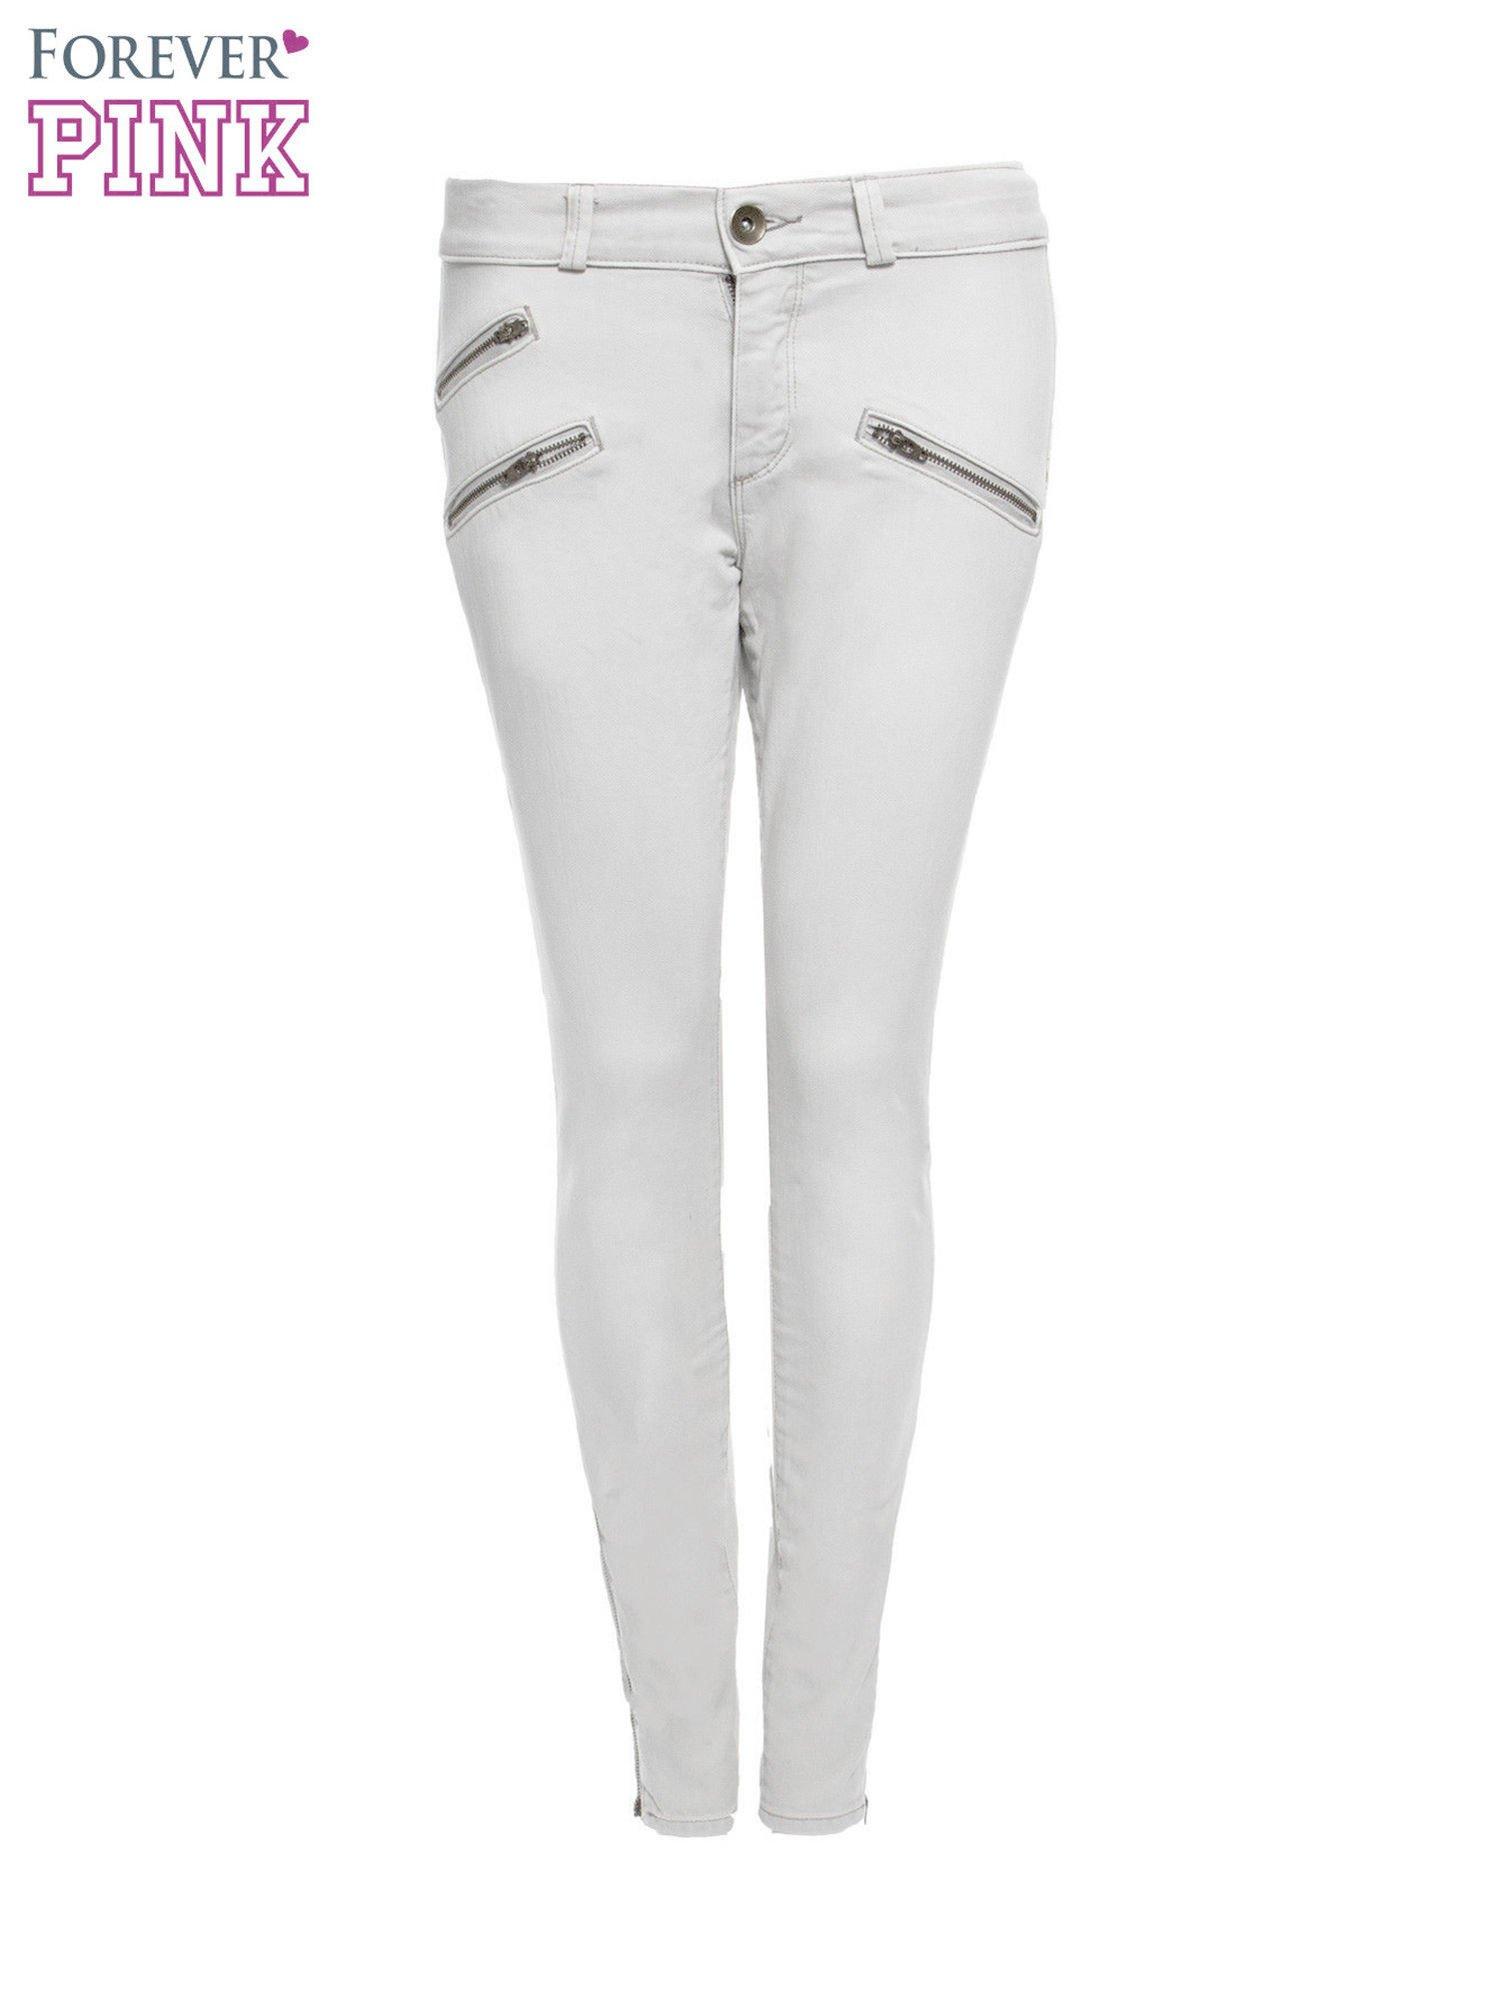 Jasnoszare spodnie jeansowe typu skinny z suwakami na górze i przy nogawkach                                  zdj.                                  4